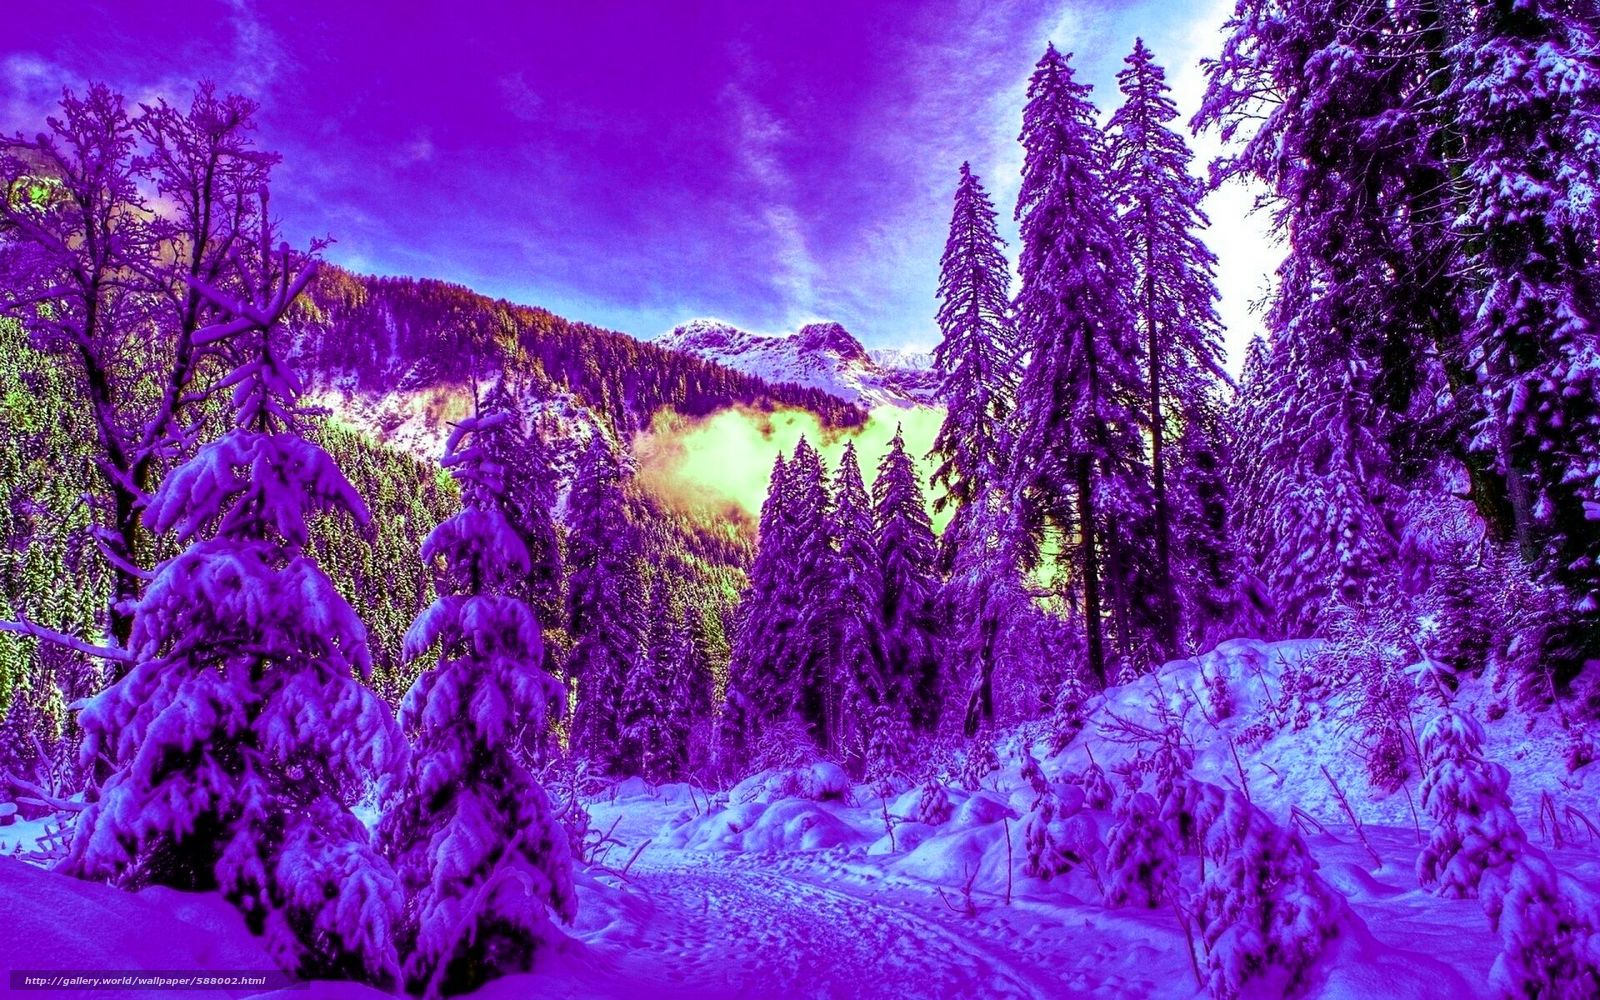 壁紙をダウンロード 冬,  森,  雪,  トウヒ デスクトップの解像度のための無料壁紙 1920x1200 — 絵 №588002